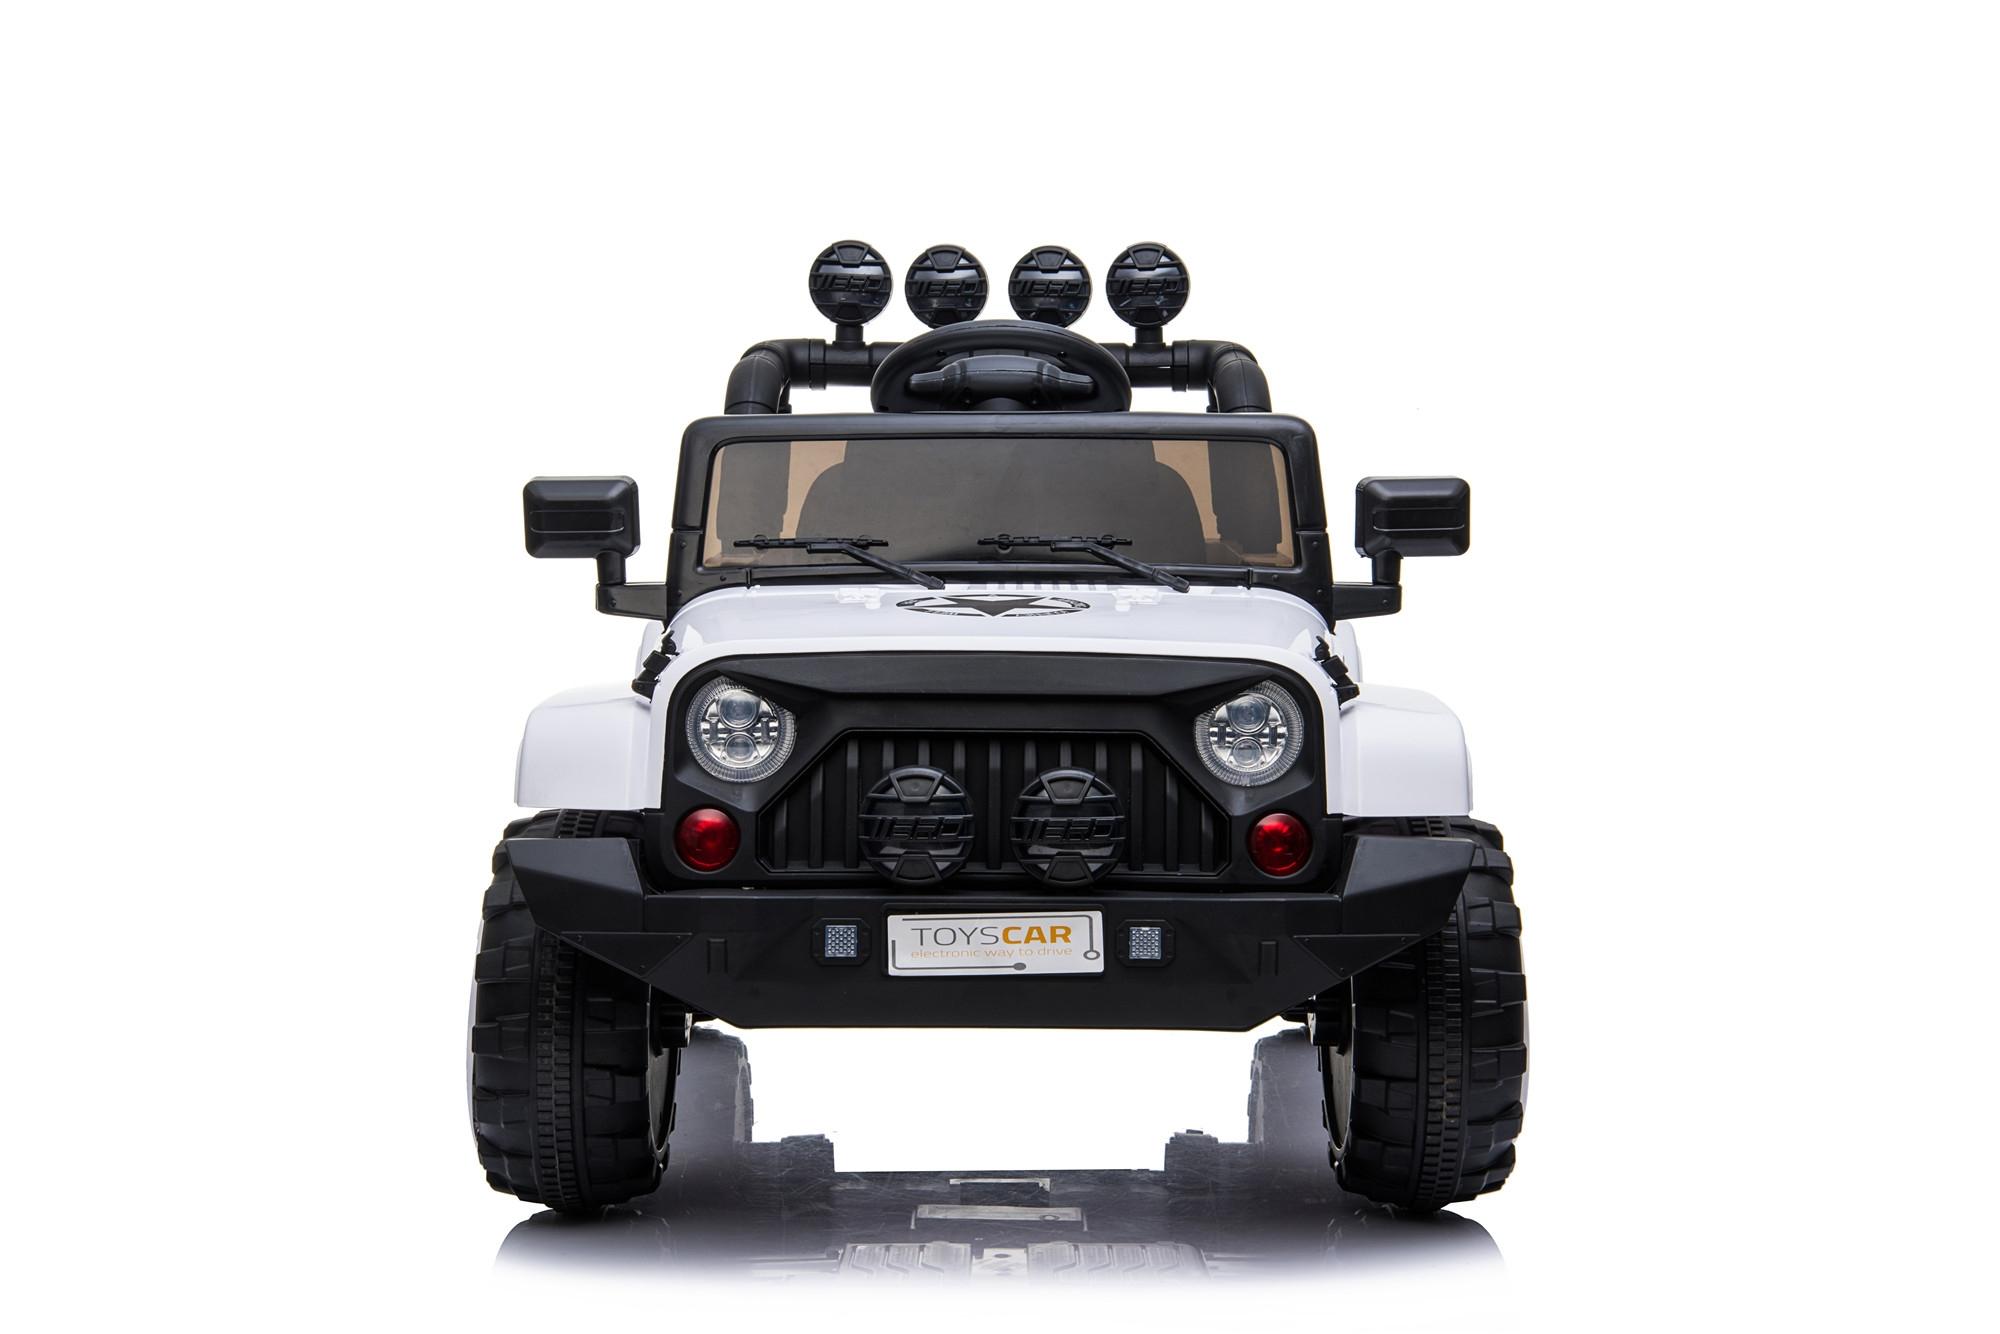 ec8a23d7ba Auto Macchina Elettrica per Bambini Jeep Bianca 12V MP3 Led con Telecomando  Full 7 7 di 12 ...